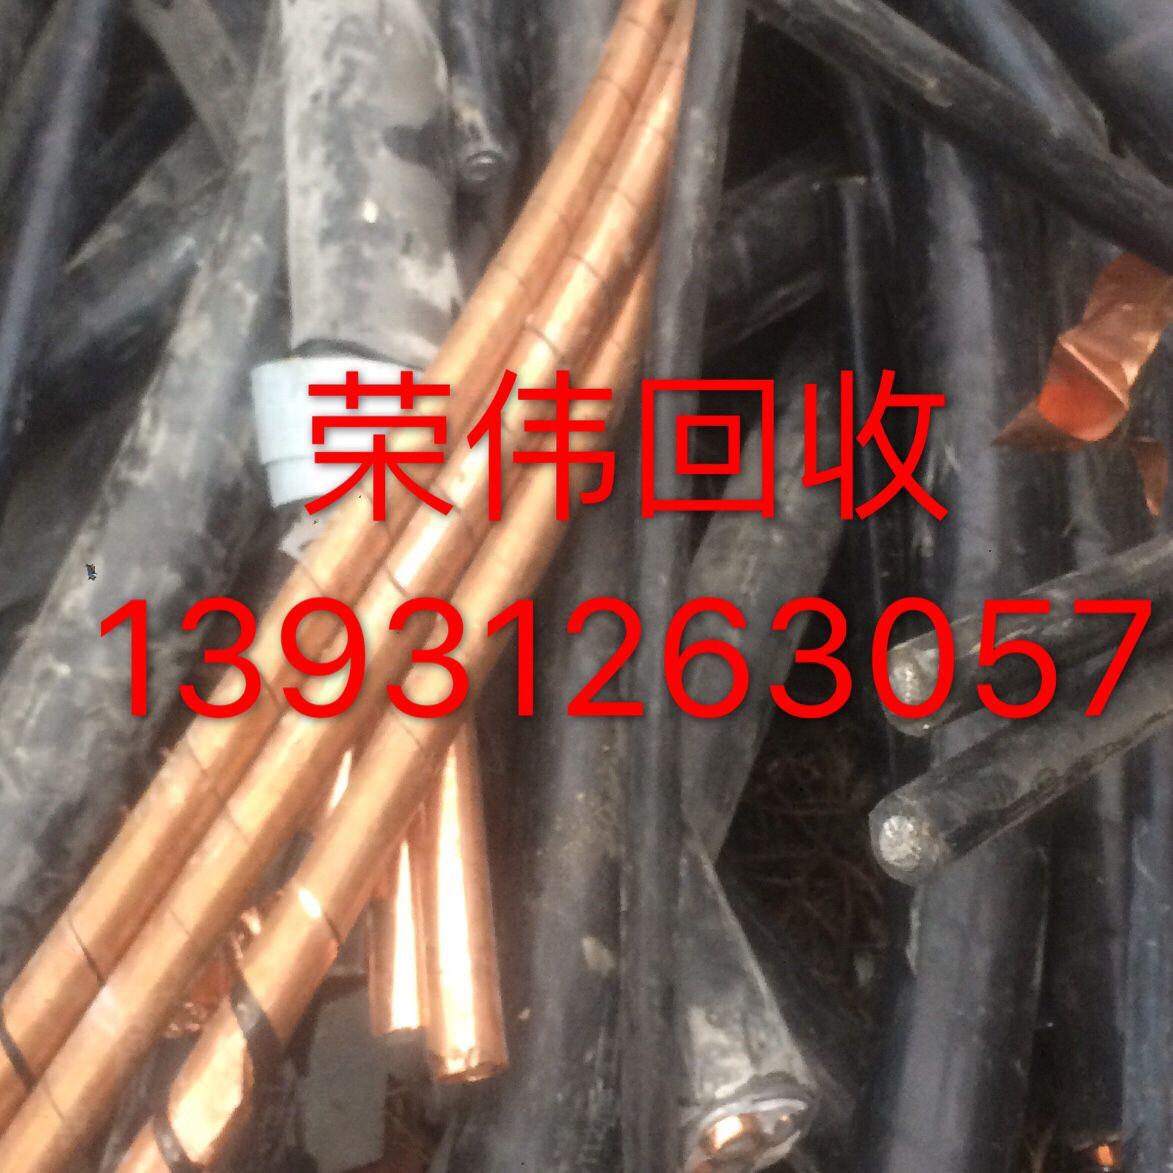 大渡口铝线回收13931263057徐经理